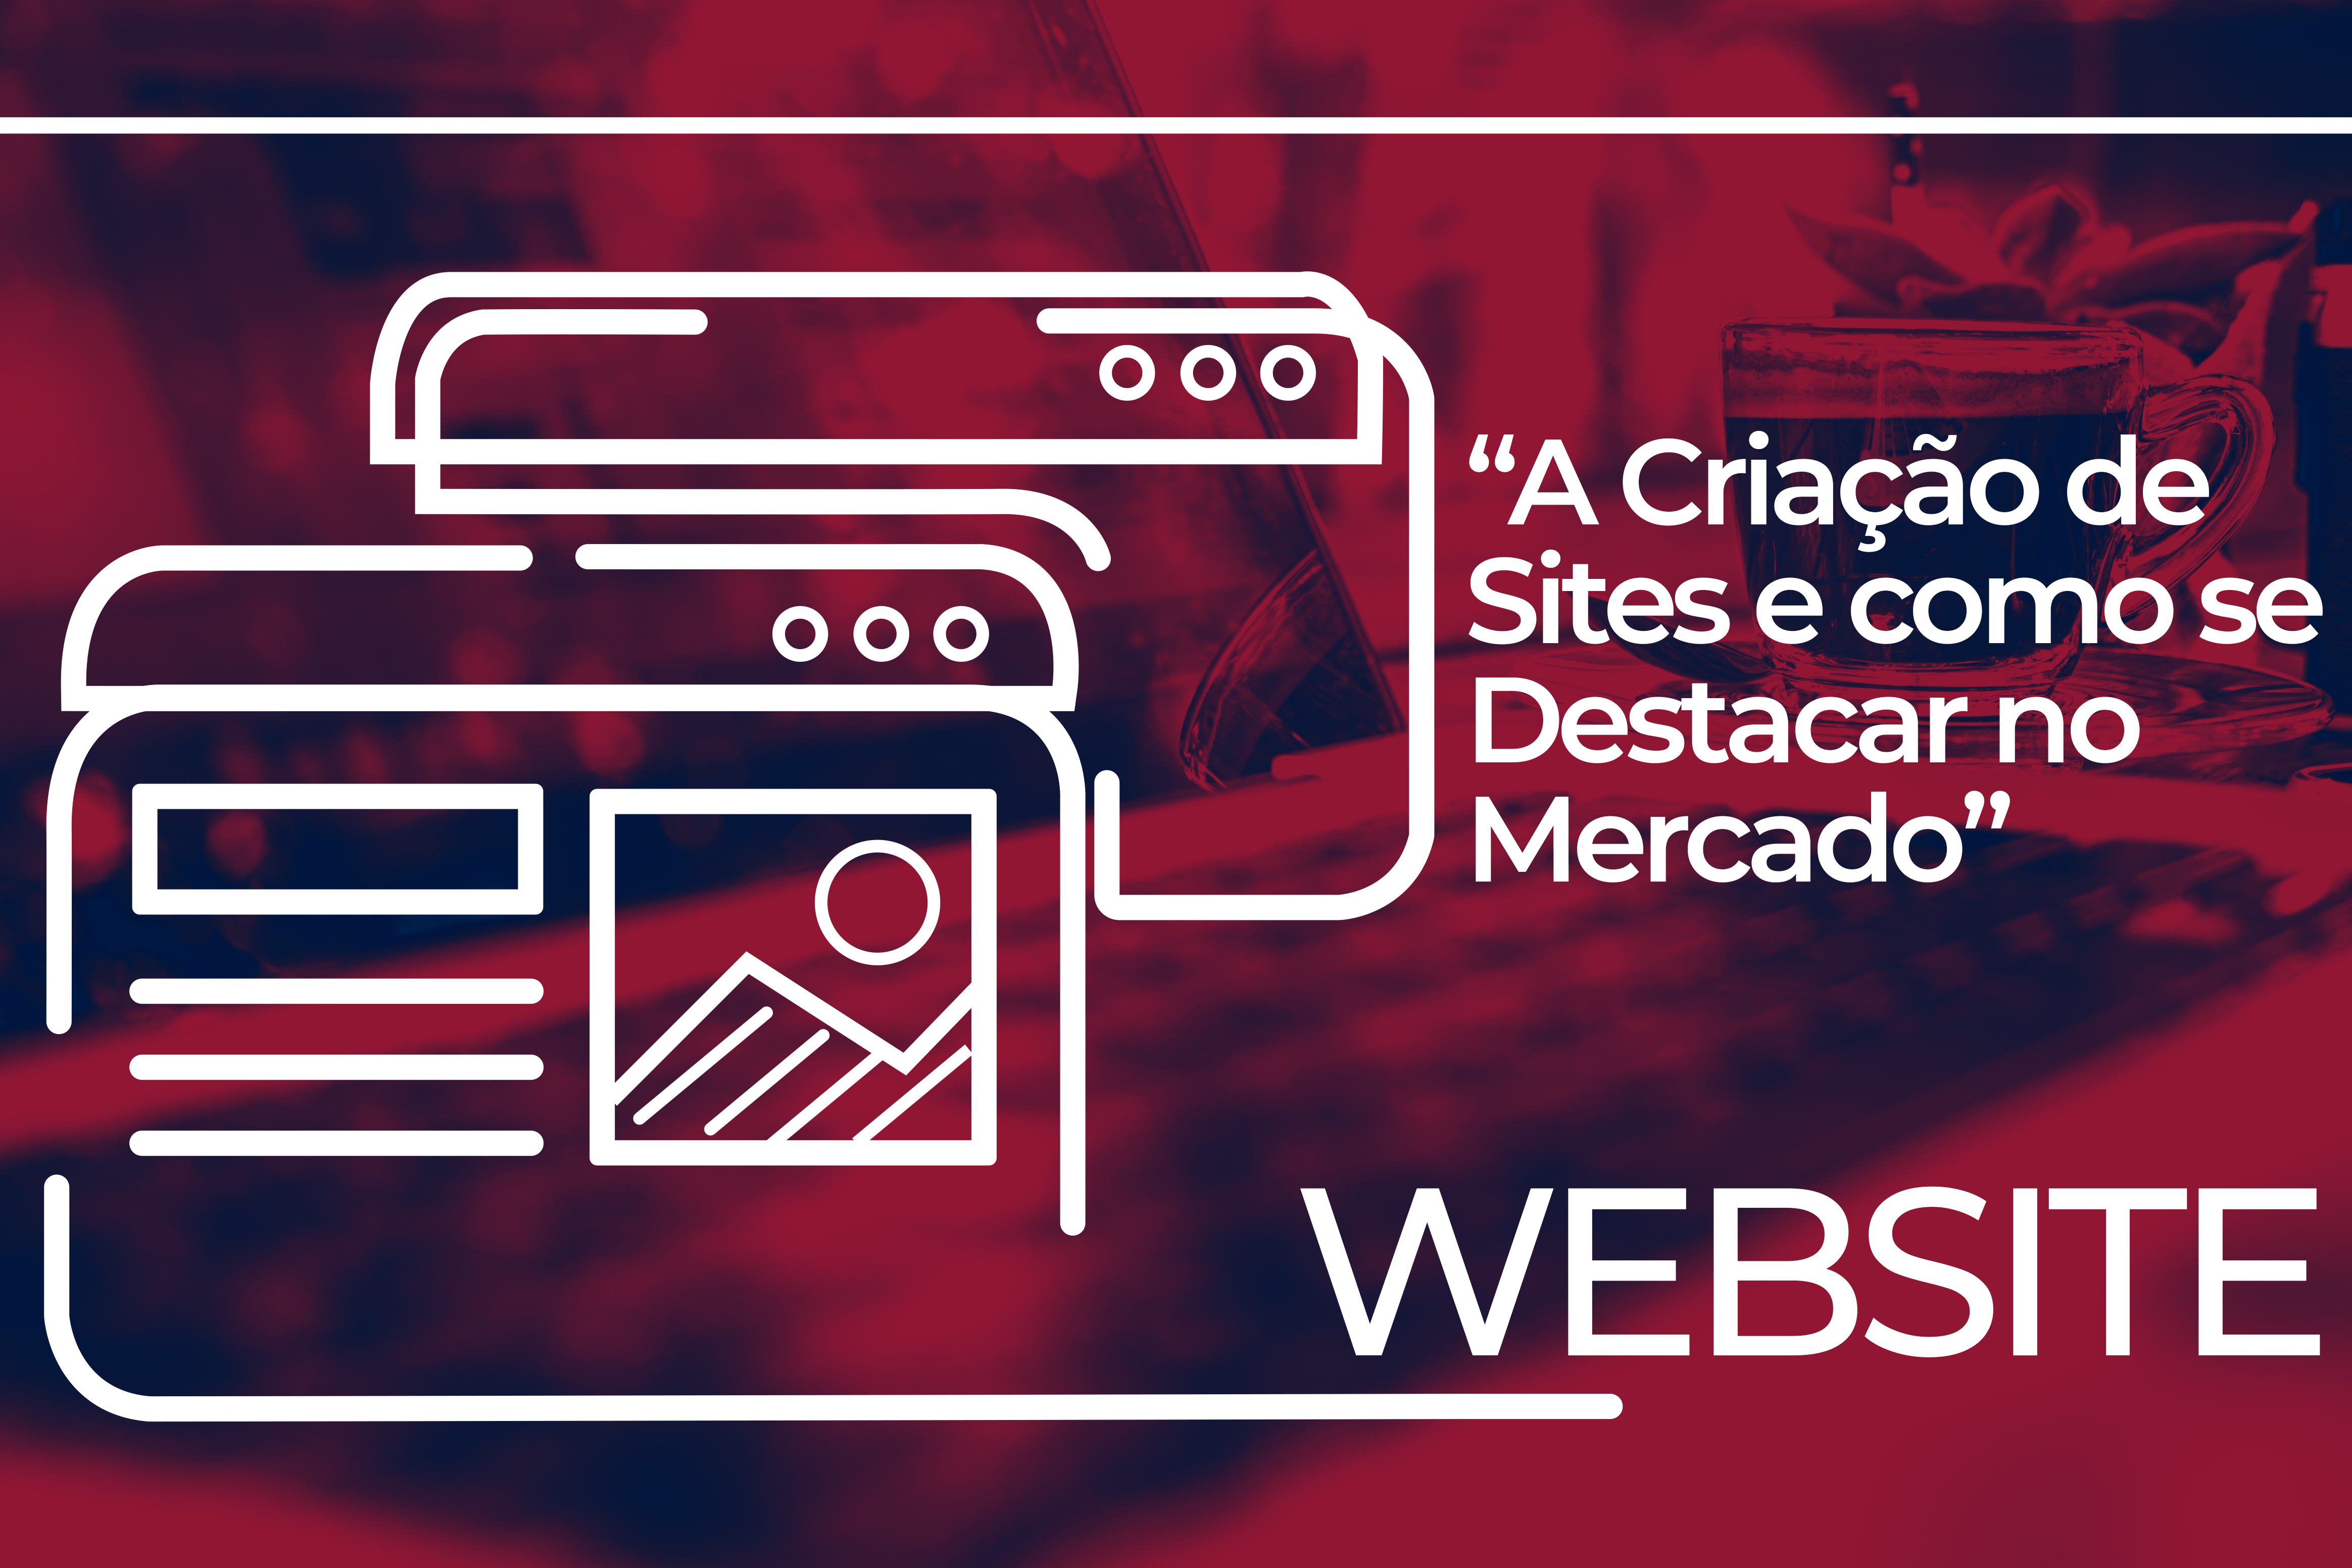 A criação de sites para se destacar no mercado, é um elemento essencial. Agora, marcar presença na internet é algo imprescindível para qualquer empresa.